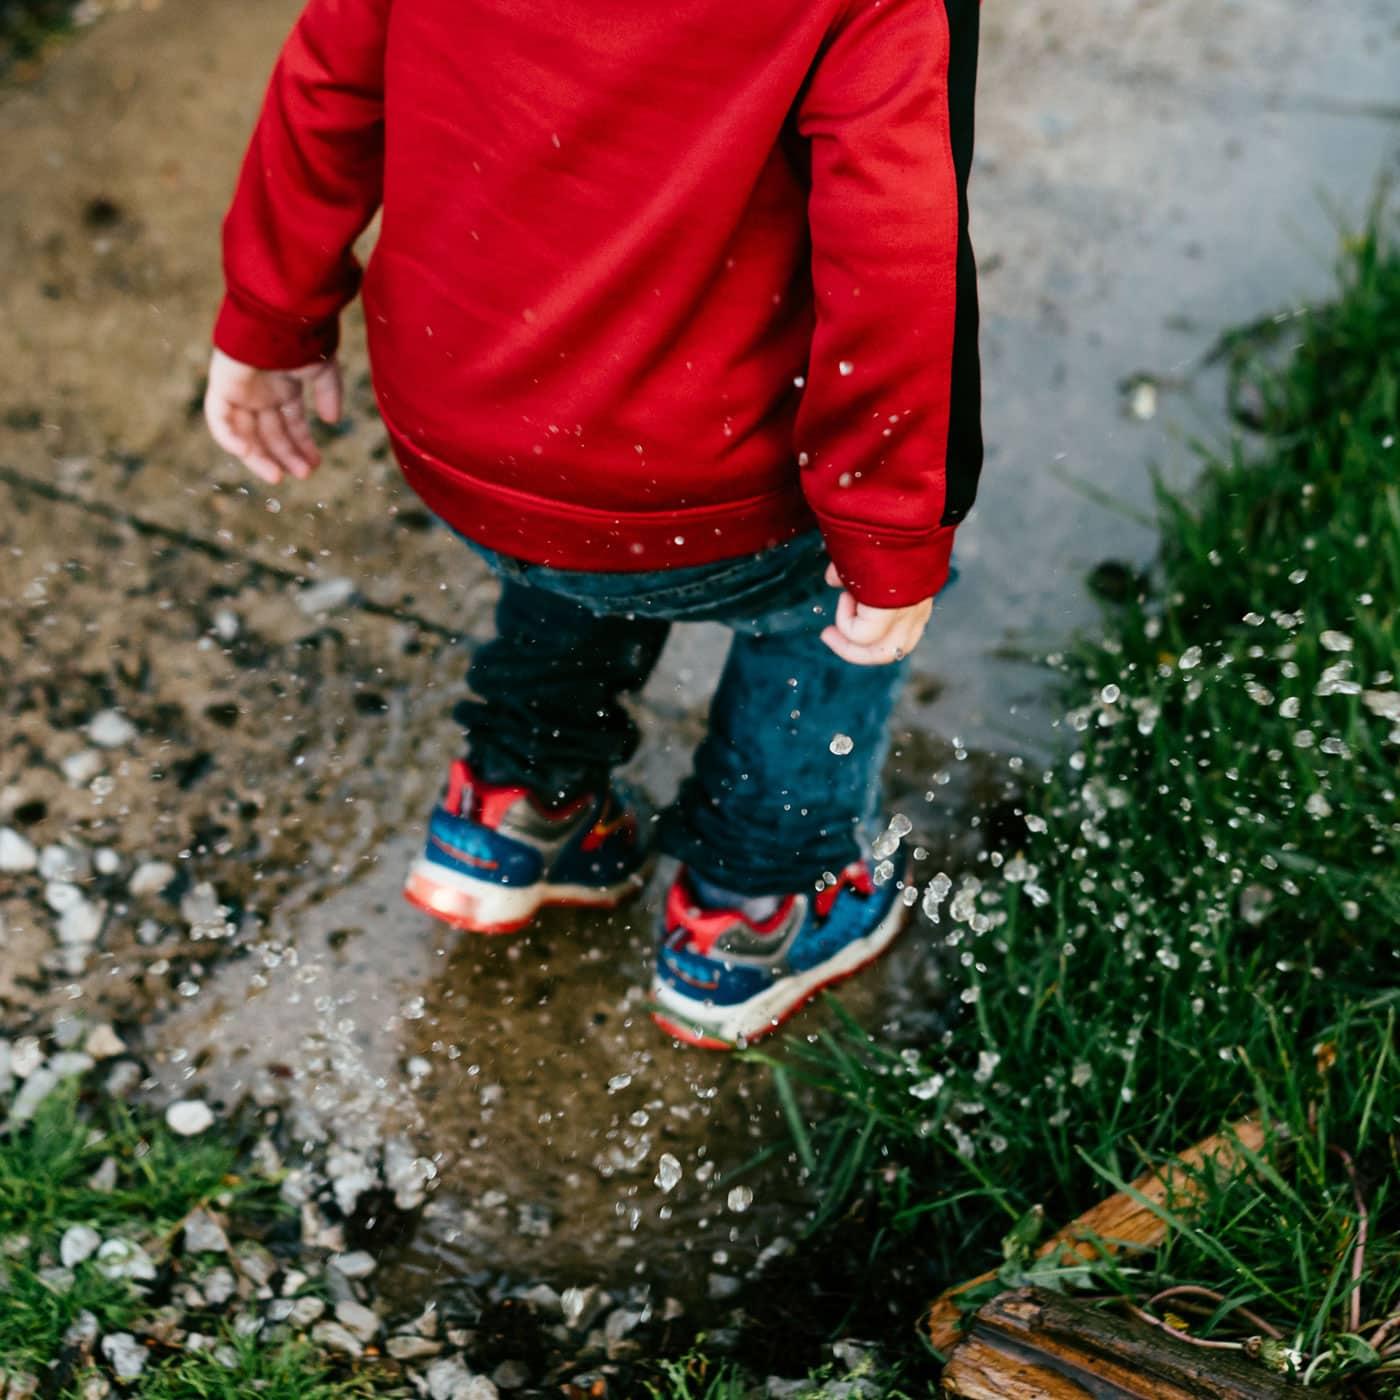 Am meisten gelesen 2020: München mit Kindern: Tipps für Regentage, Schlechtwetterpgoramm, Junge, Pfütze, Wasser // HIMBEER